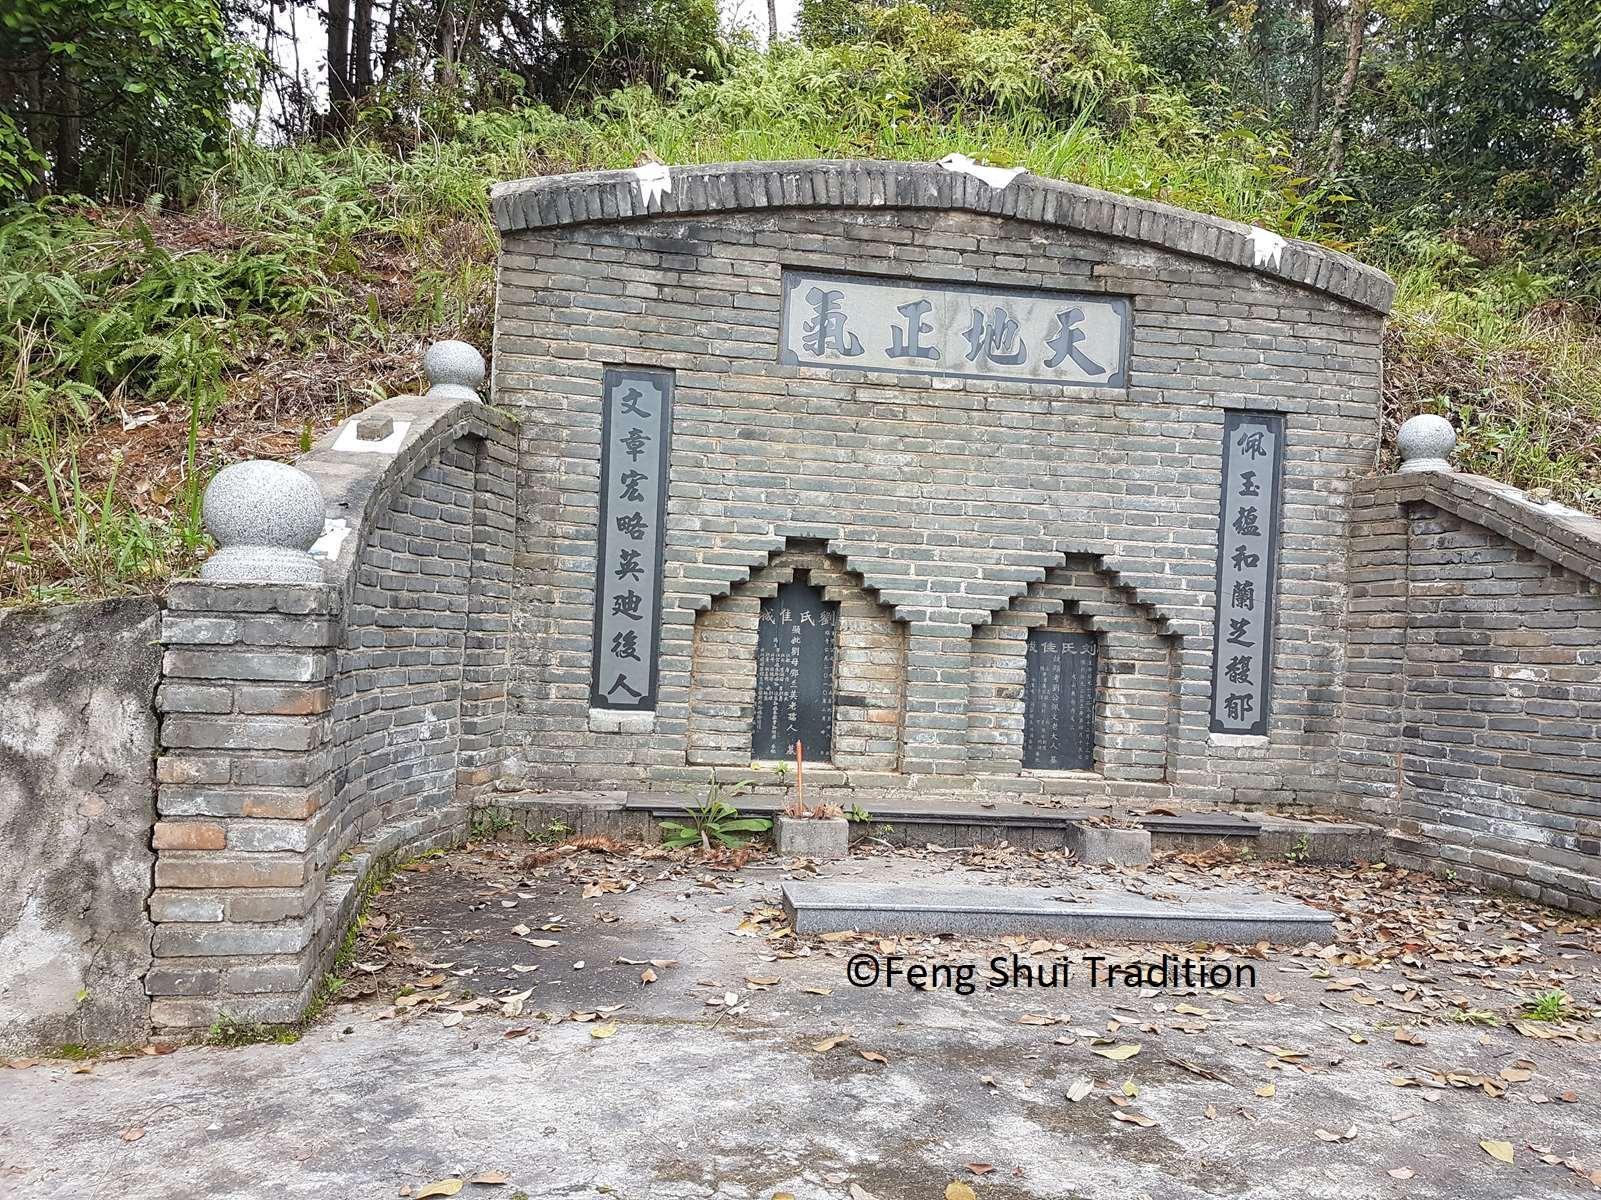 Etude avec le Yang Gong Feng shui d'une tombe en Chine - Yin Feng Shui - Luc Torralba